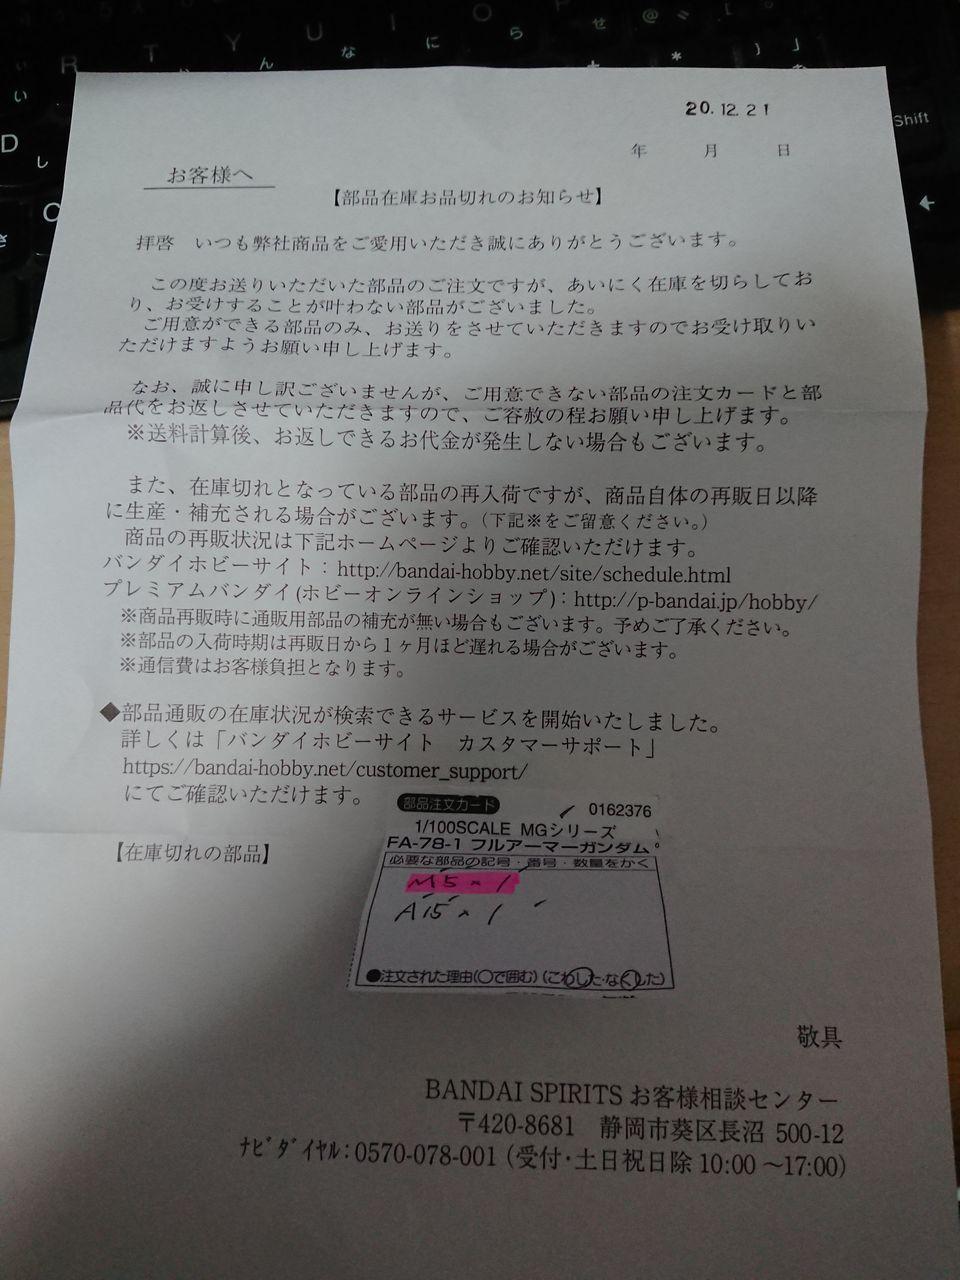 ホビー 部品 バンダイ 通販 サイト